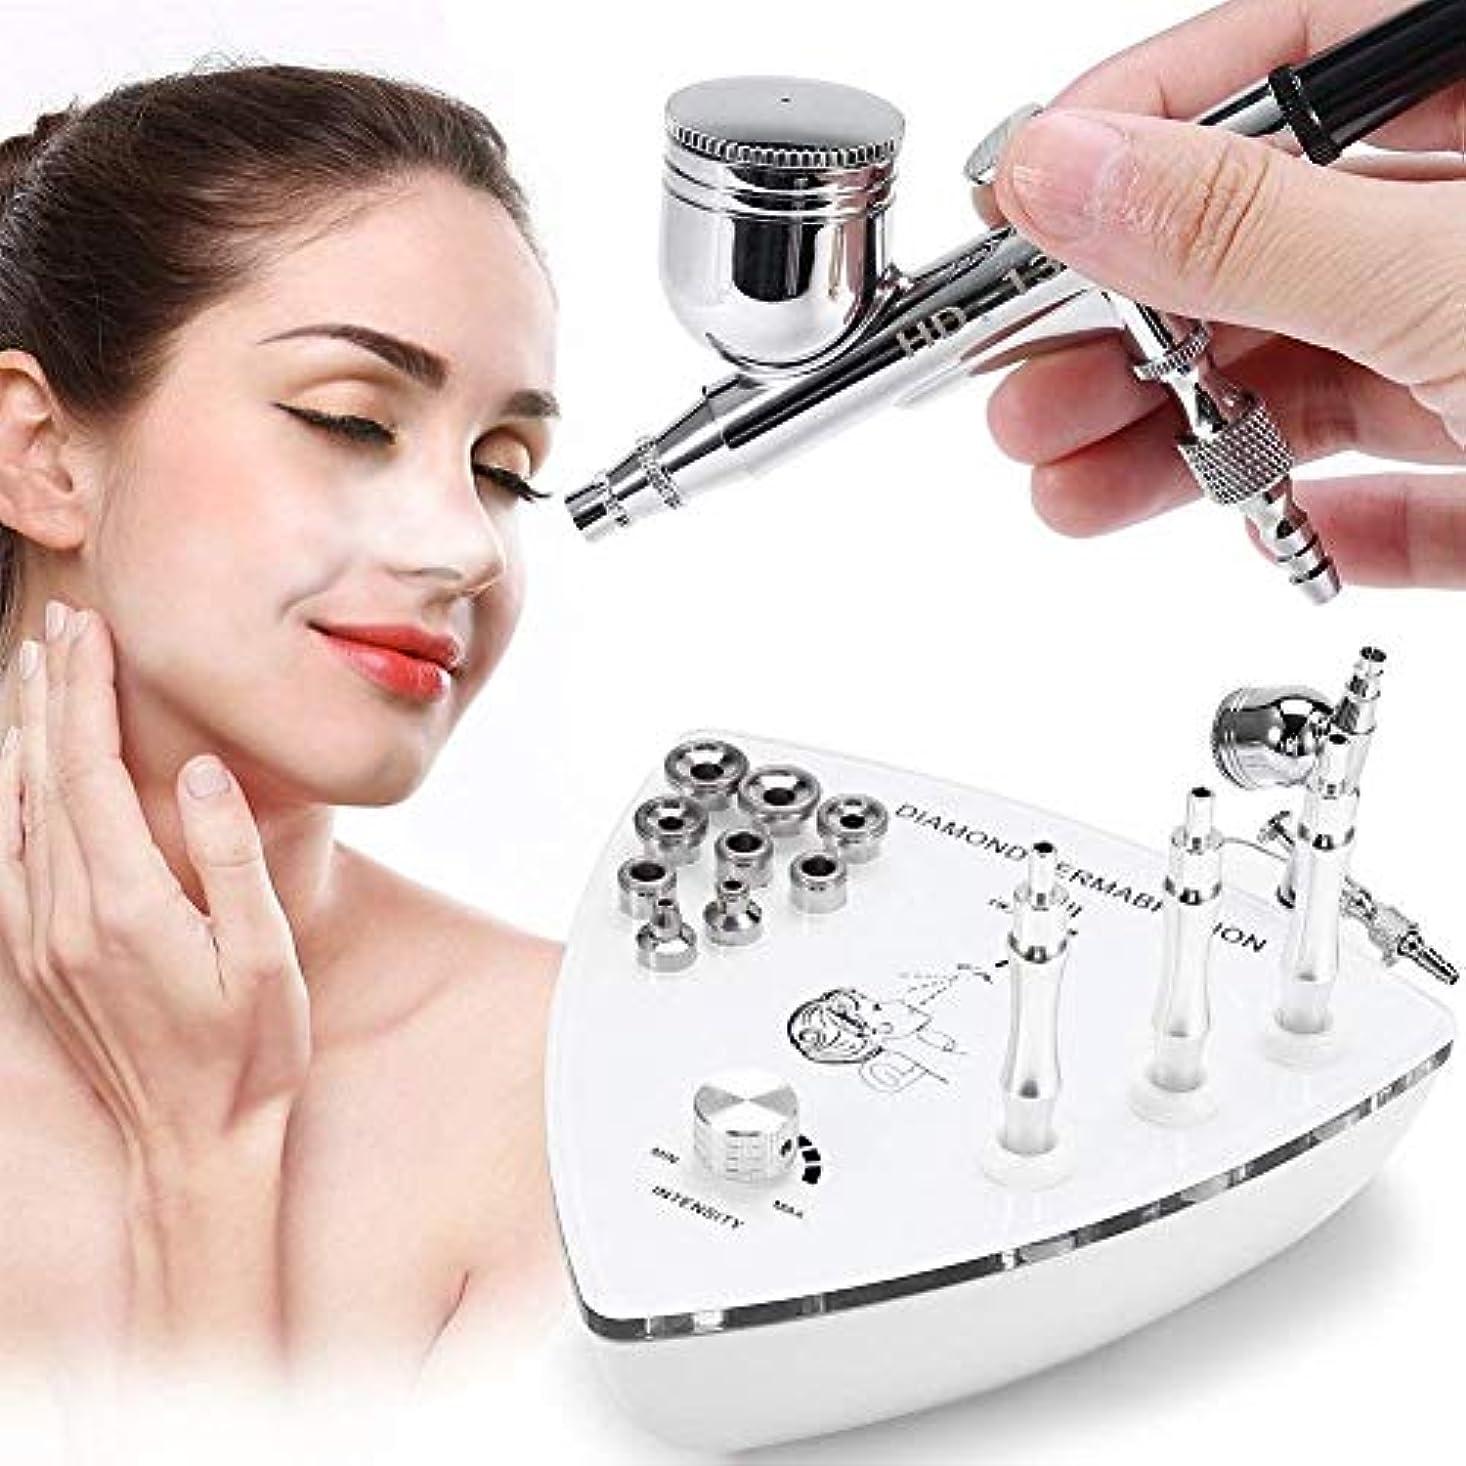 比喩作り上げるマルコポーロ専門のダイヤモンドのMicrodermabrasion Dermabrasion機械、顔の心配の皮装置水スプレーのしわの取り外しの皮のきつく締まる剥離のための家の使用のための装置